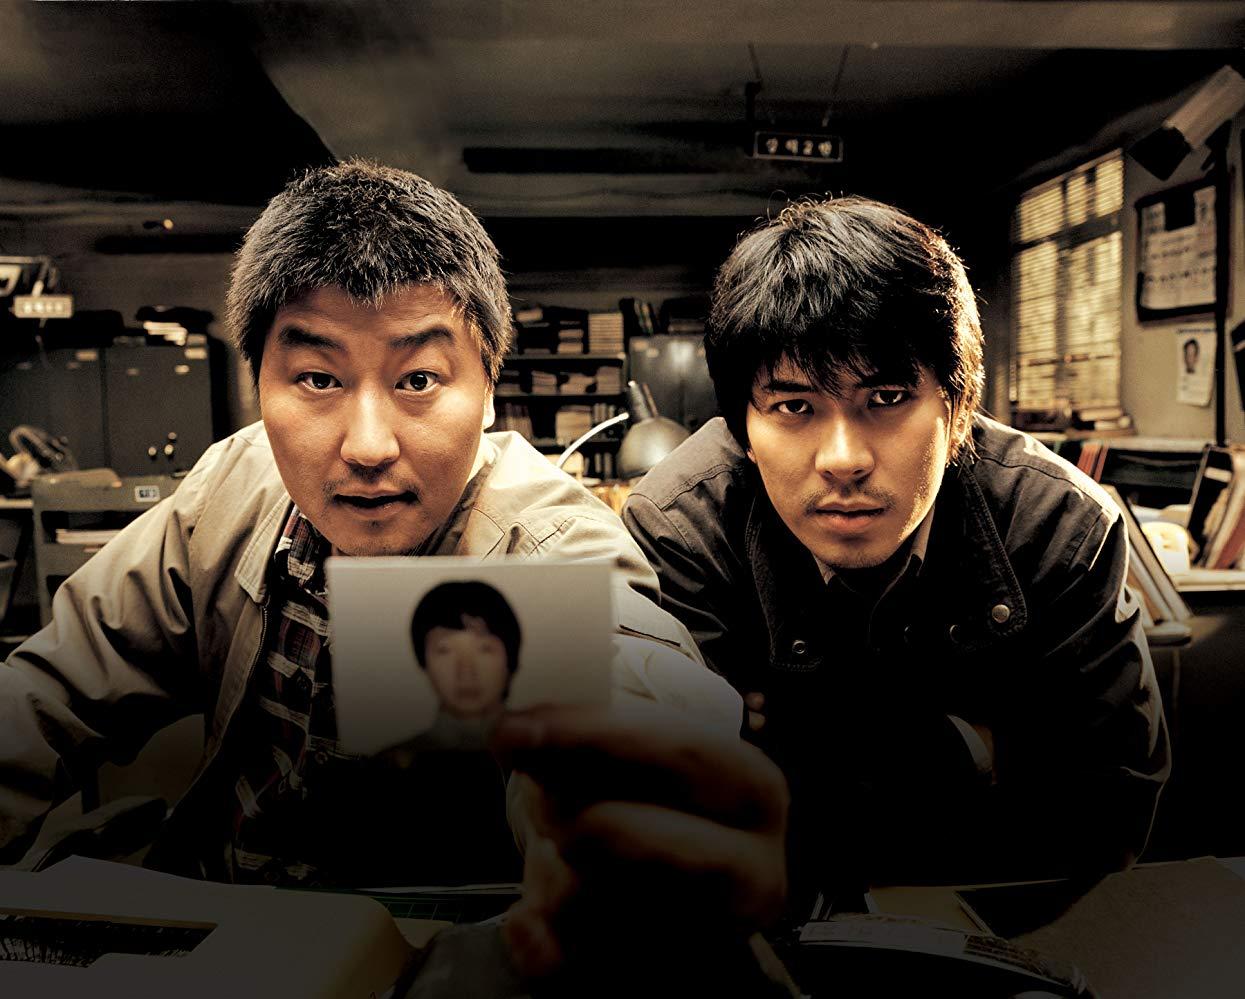 ۱۲ فیلم برتر سینمای کره جنوبی که از تماشای آن ها پشیمان نخواهید شد [قسمت دوم]